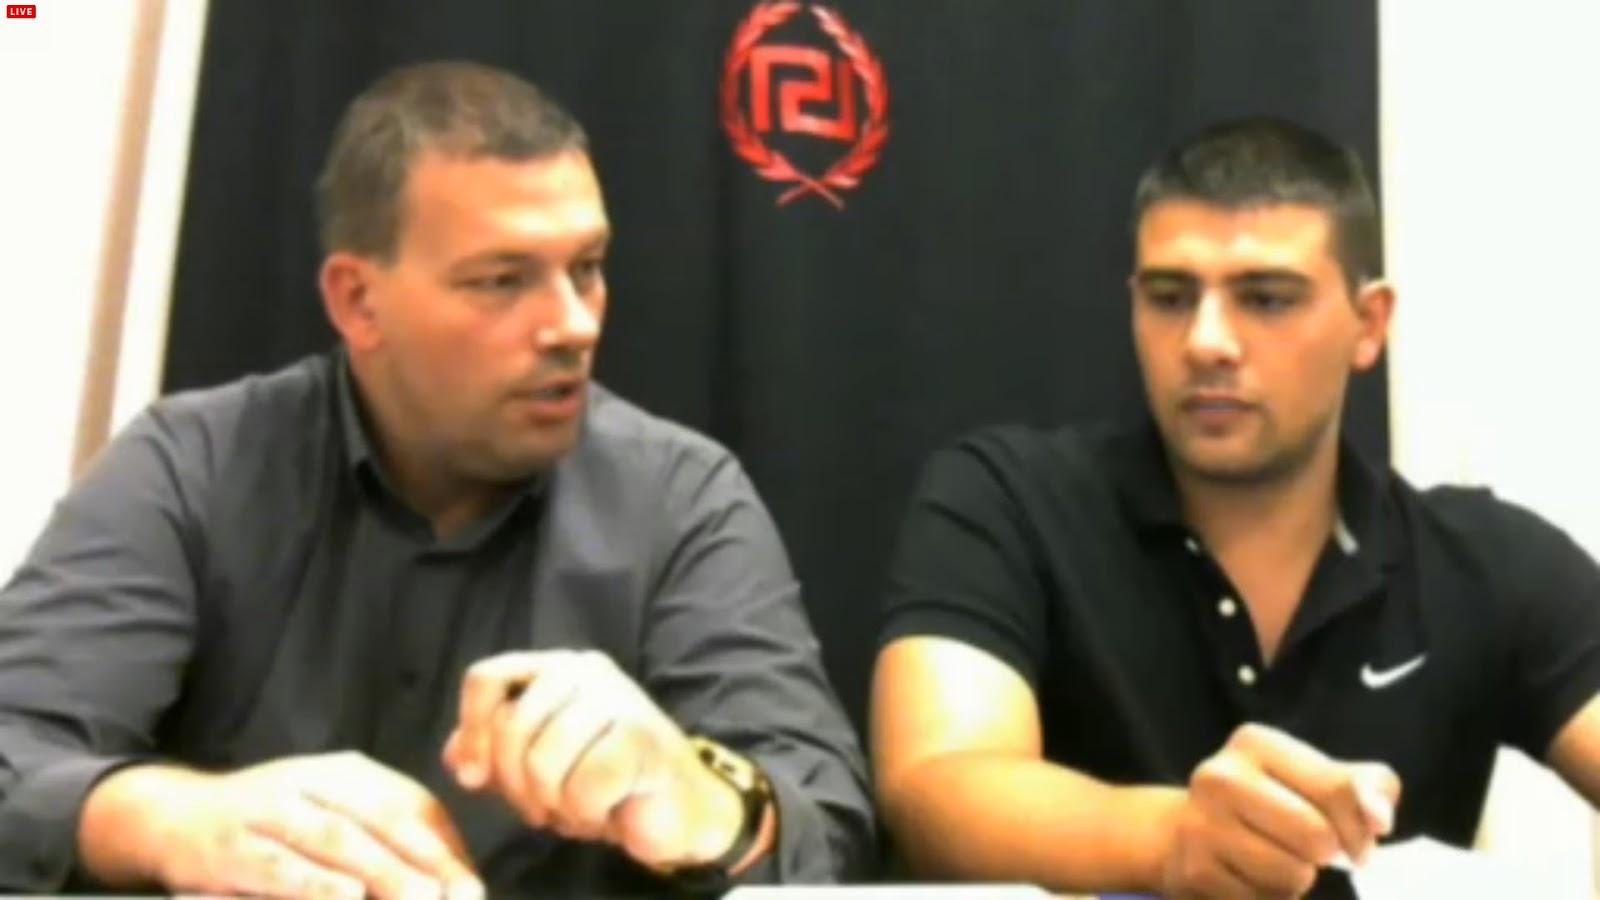 Ζωντανά η πολιτική εκπομπή της Χρυσής Αυγής από την Θεσσαλονίκη στο Xagr.net